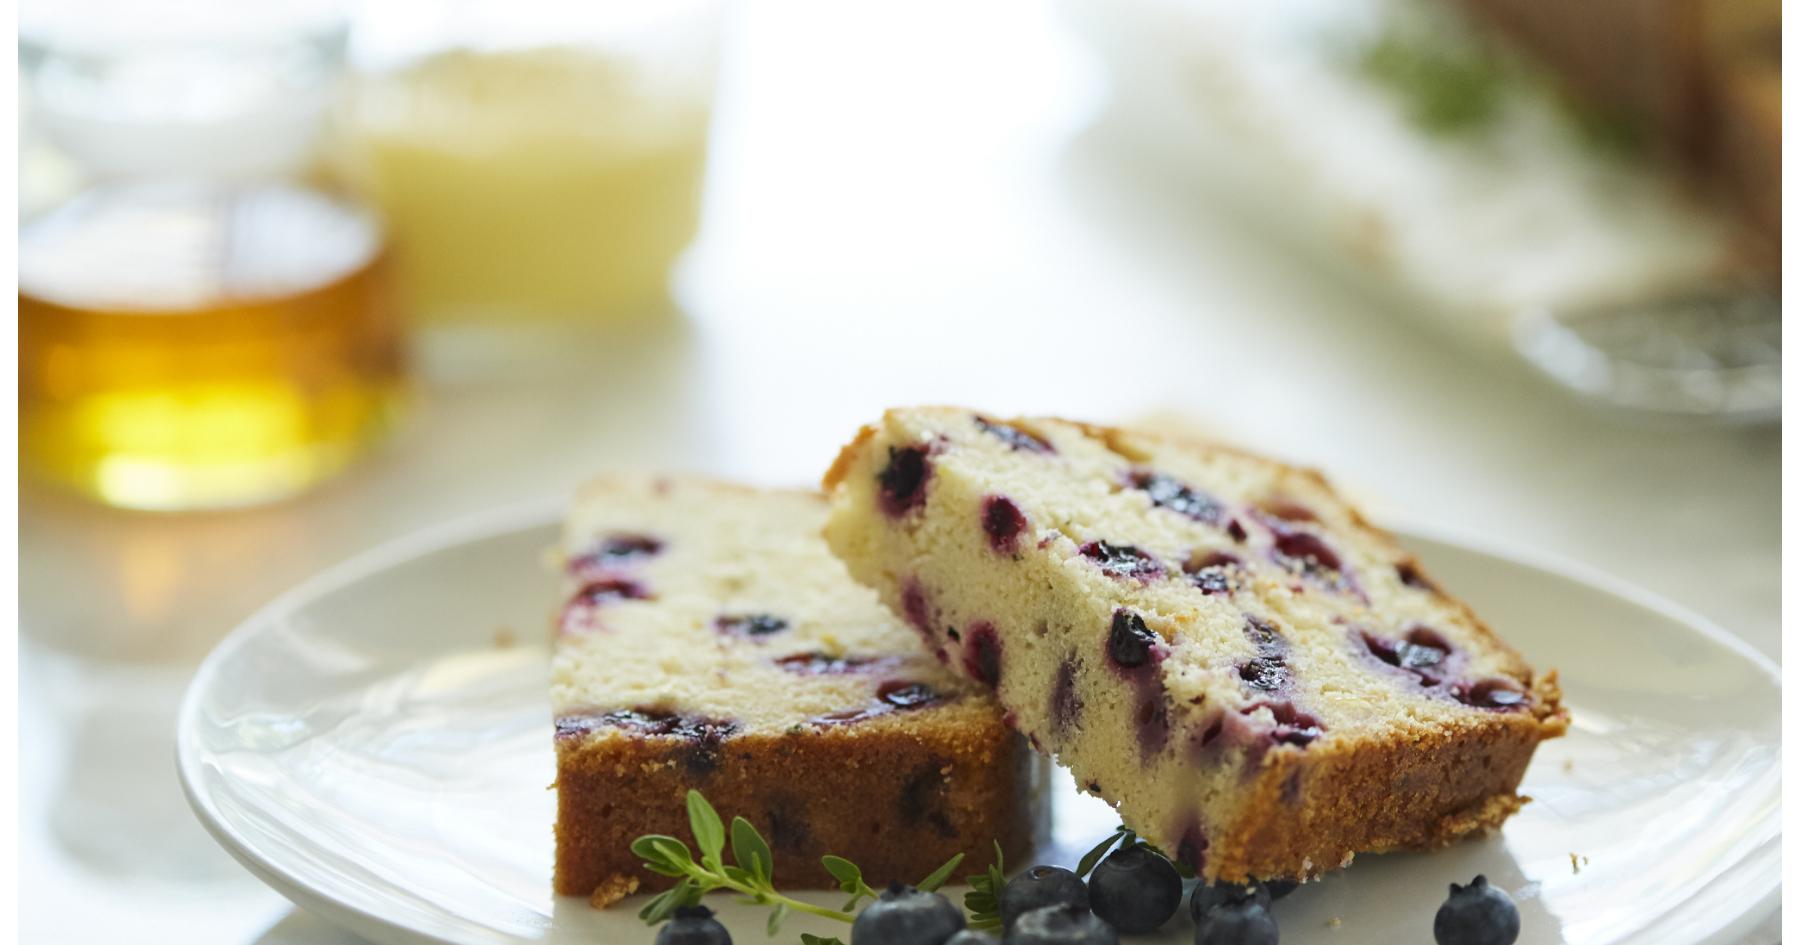 Honey Lemon Blueberry Cake